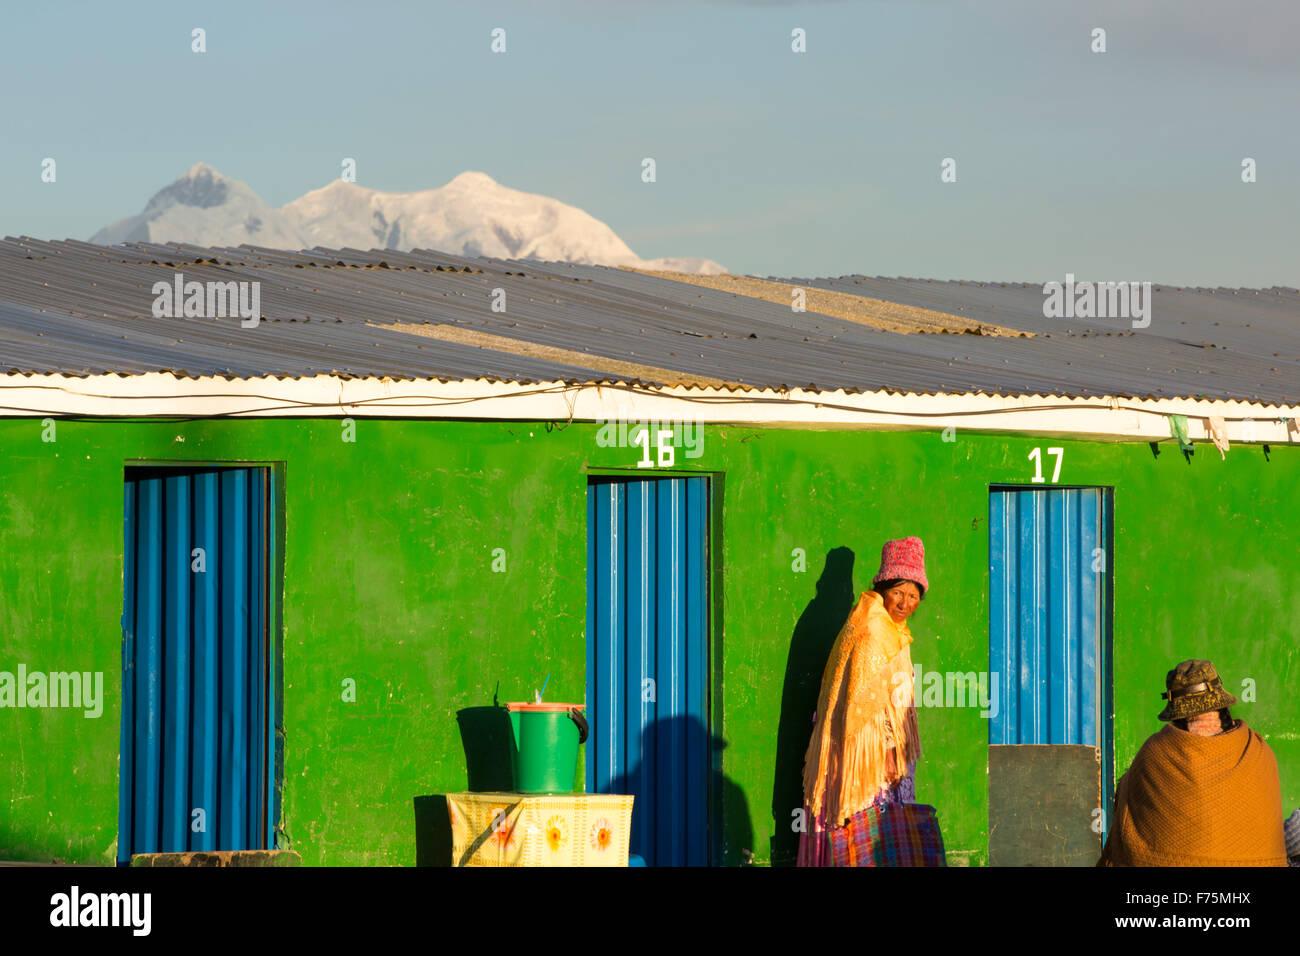 El pico de Illimani encima de El Alto, La Paz, Bolivia. La Paz y el Alto son una escasez crítica de agua y Imagen De Stock